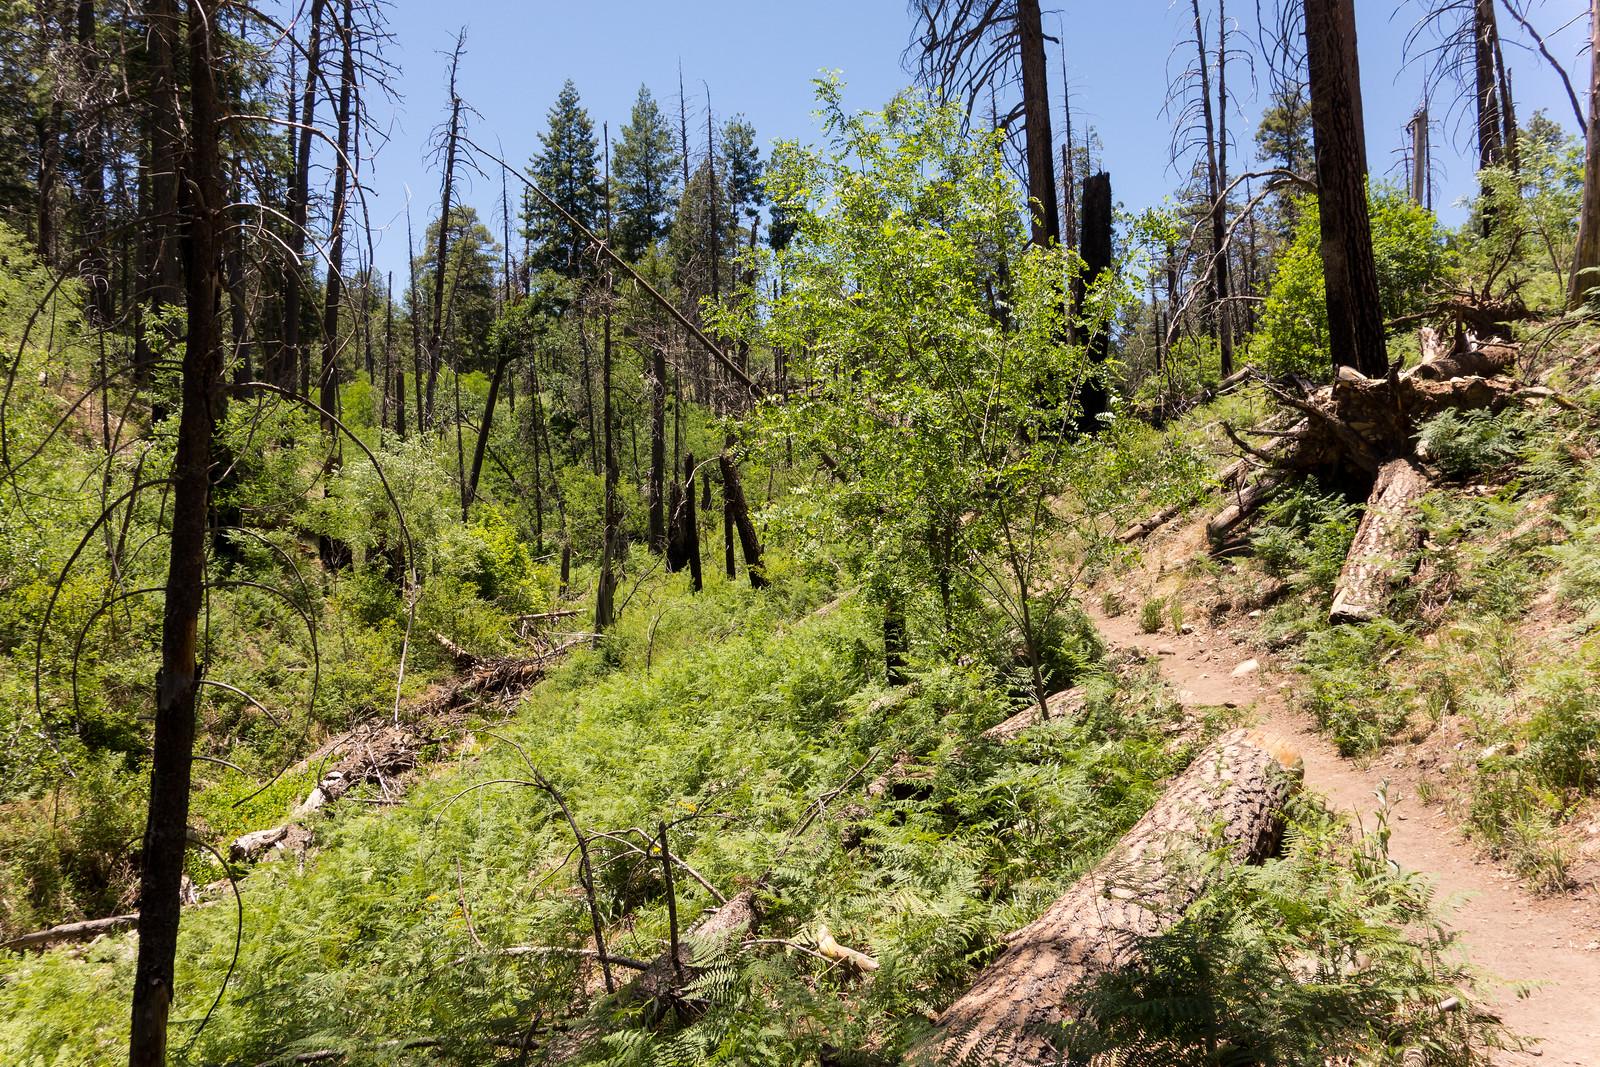 1406 Ferns on the Marshall Gulch Trail